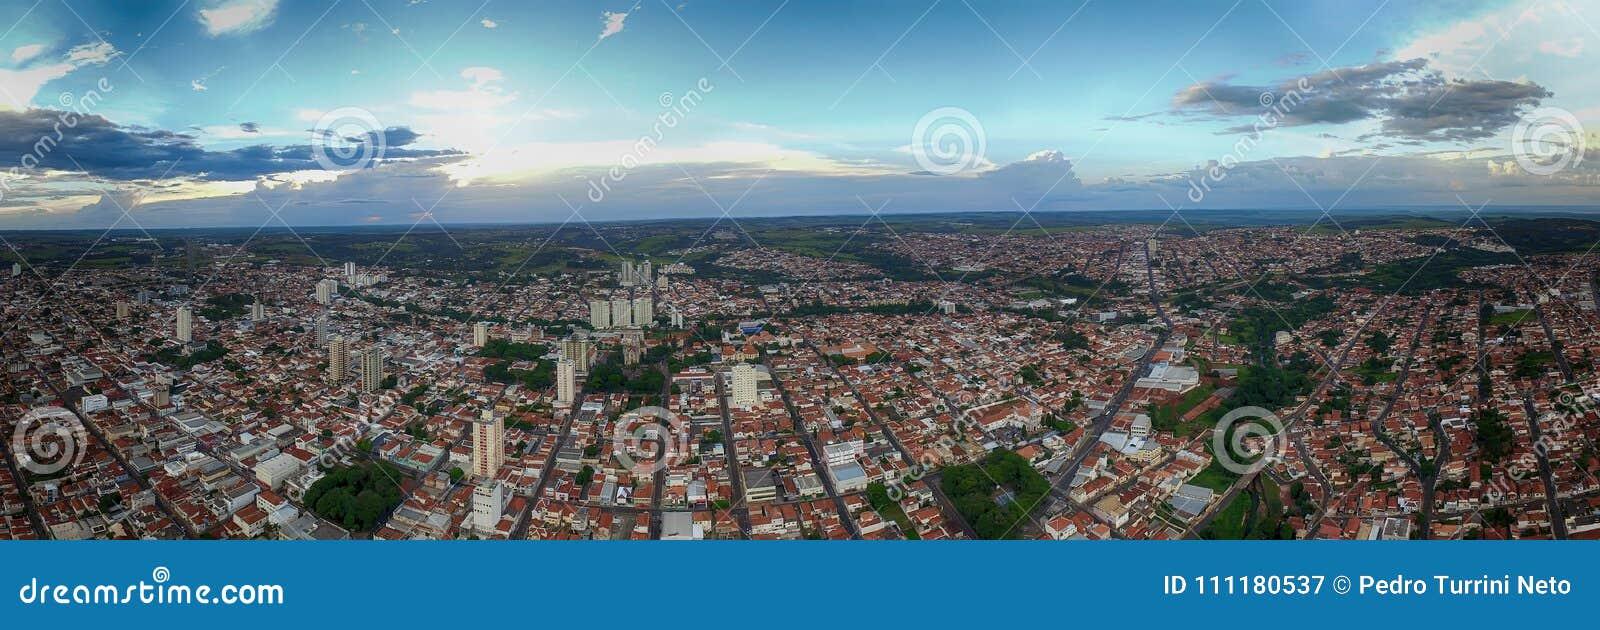 Panoramische foto van de stad Botucatu - Sao Paulo, Brazilië - bij zonsondergang